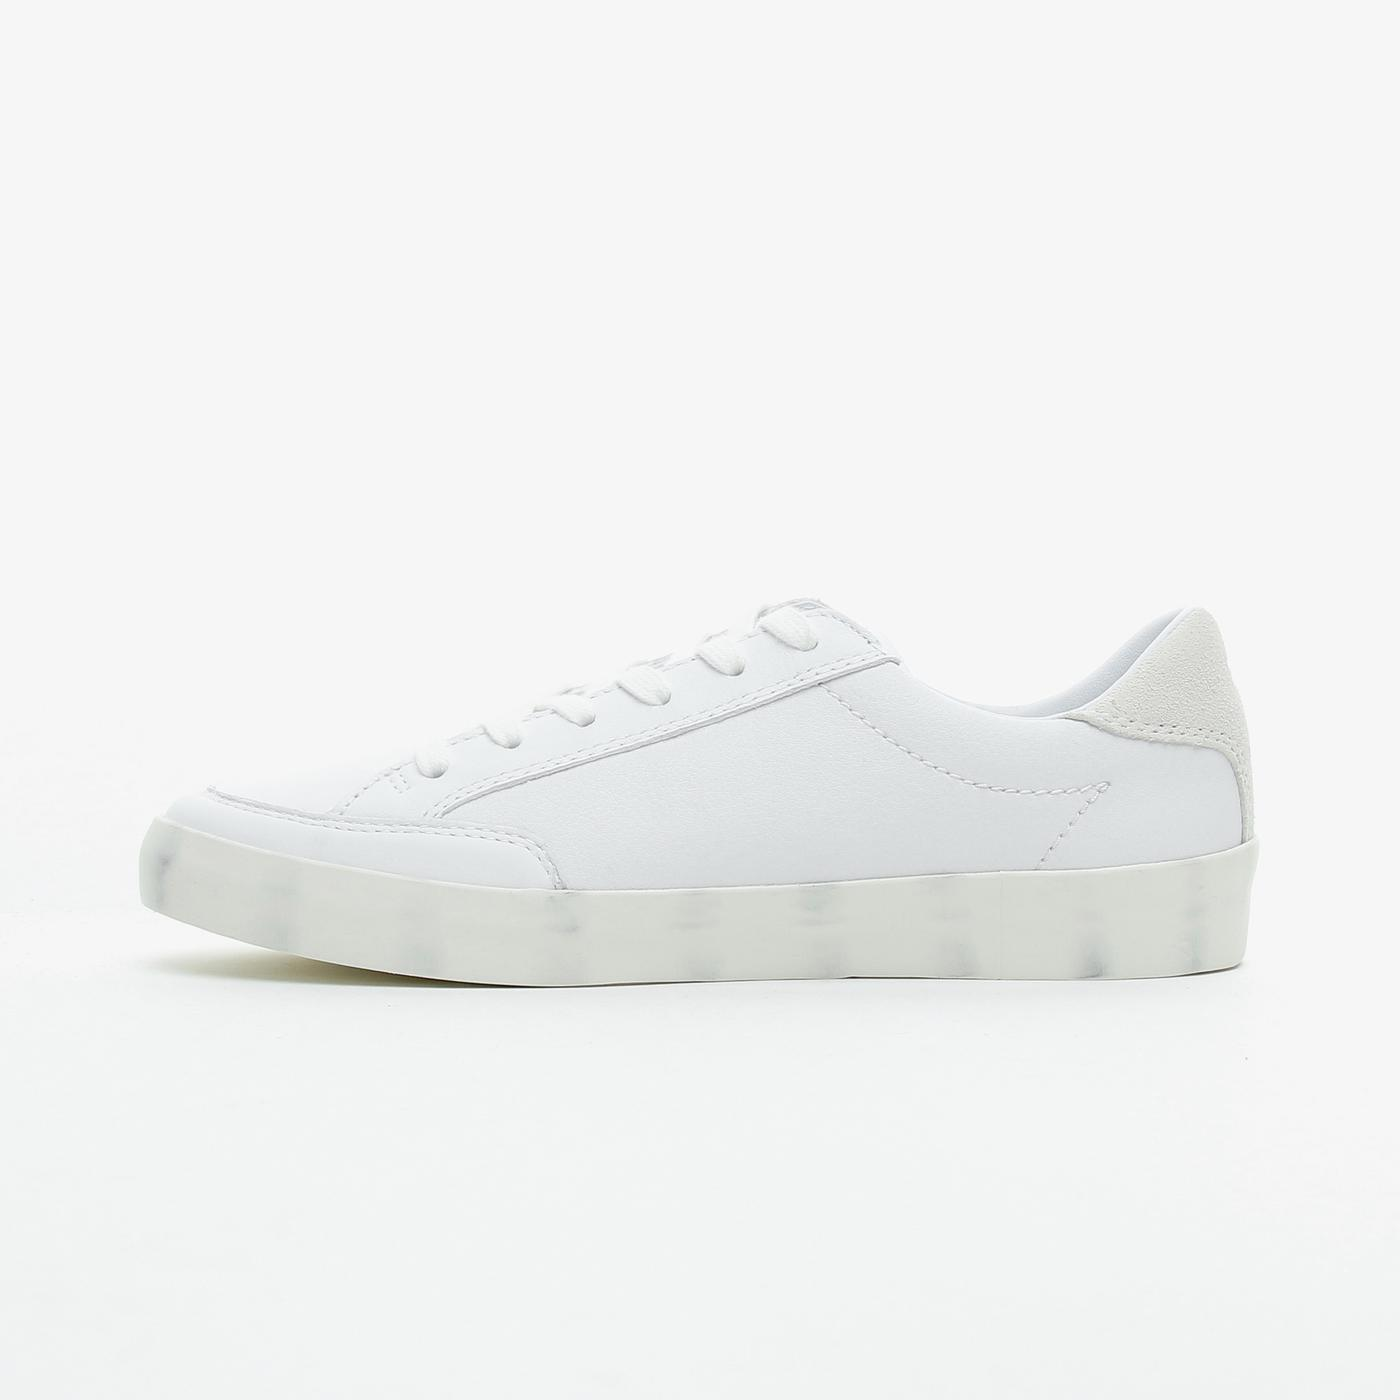 Tommy Hilfiger Signature Leaer Kadın Beyaz Spor Ayakkabı